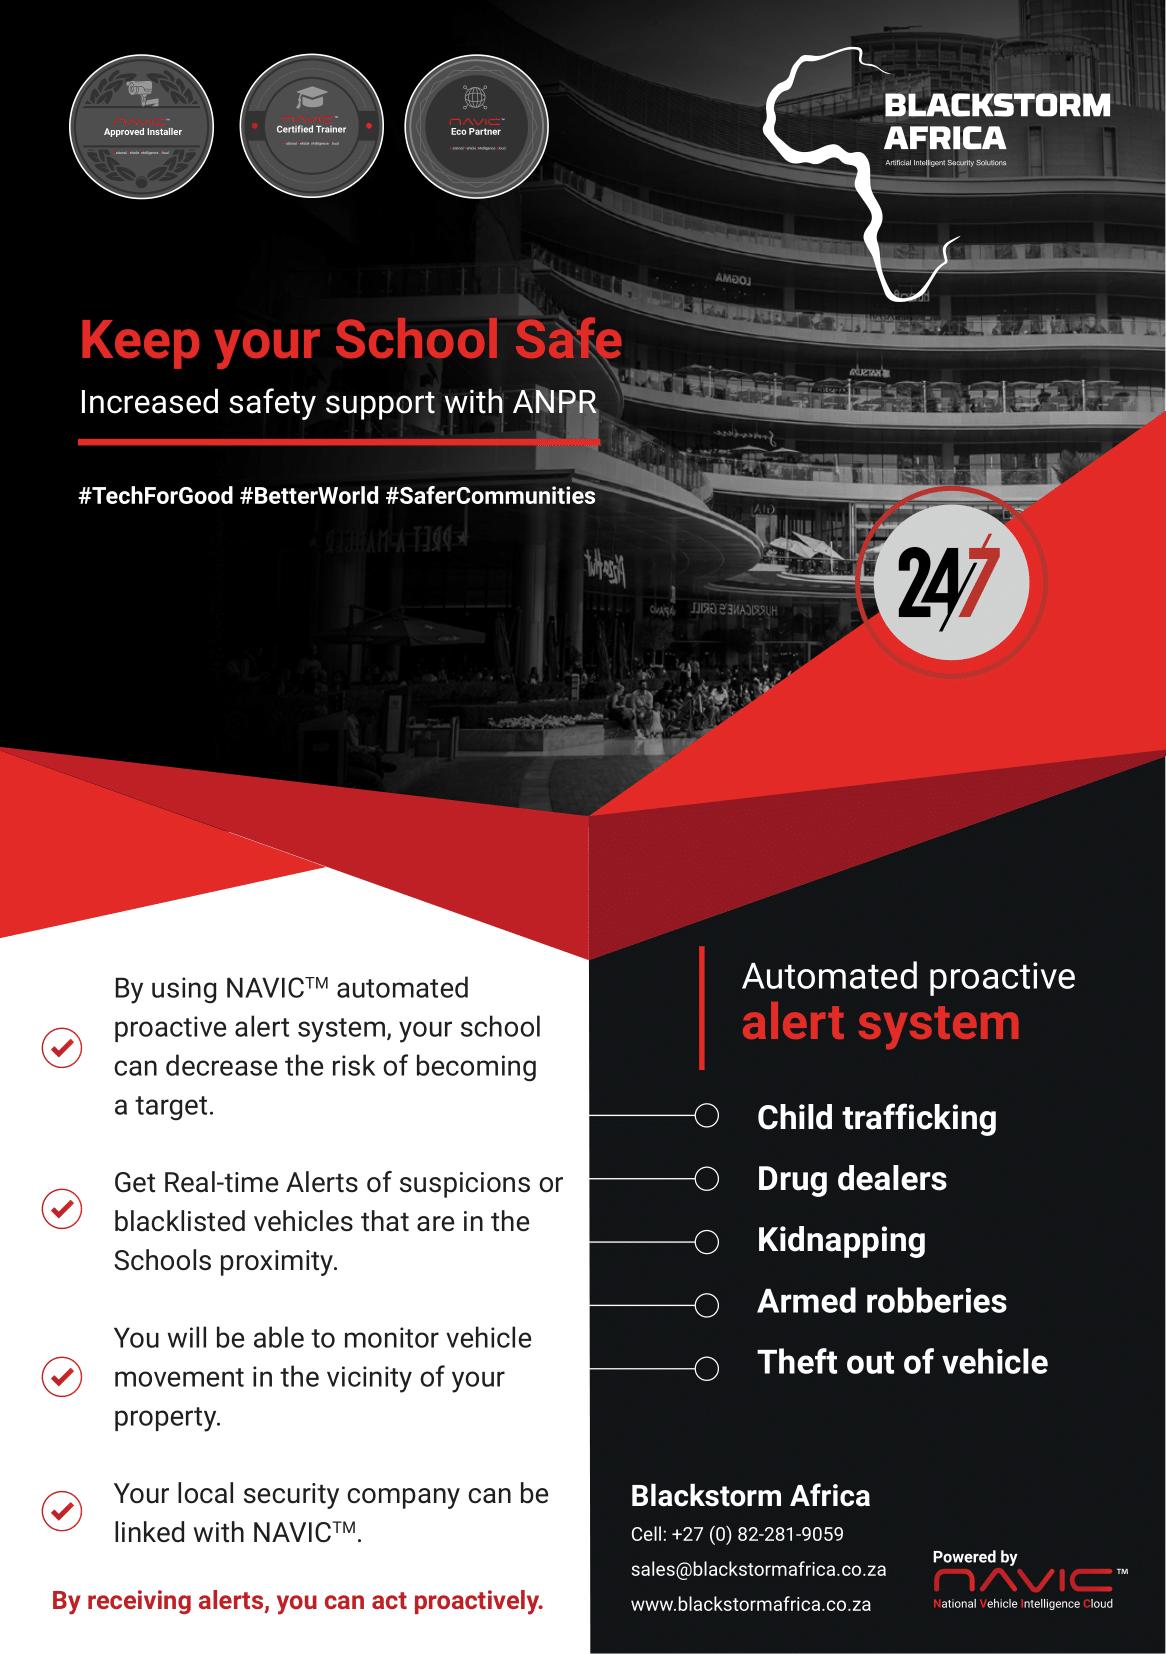 Blackstorm - keep school safe-1